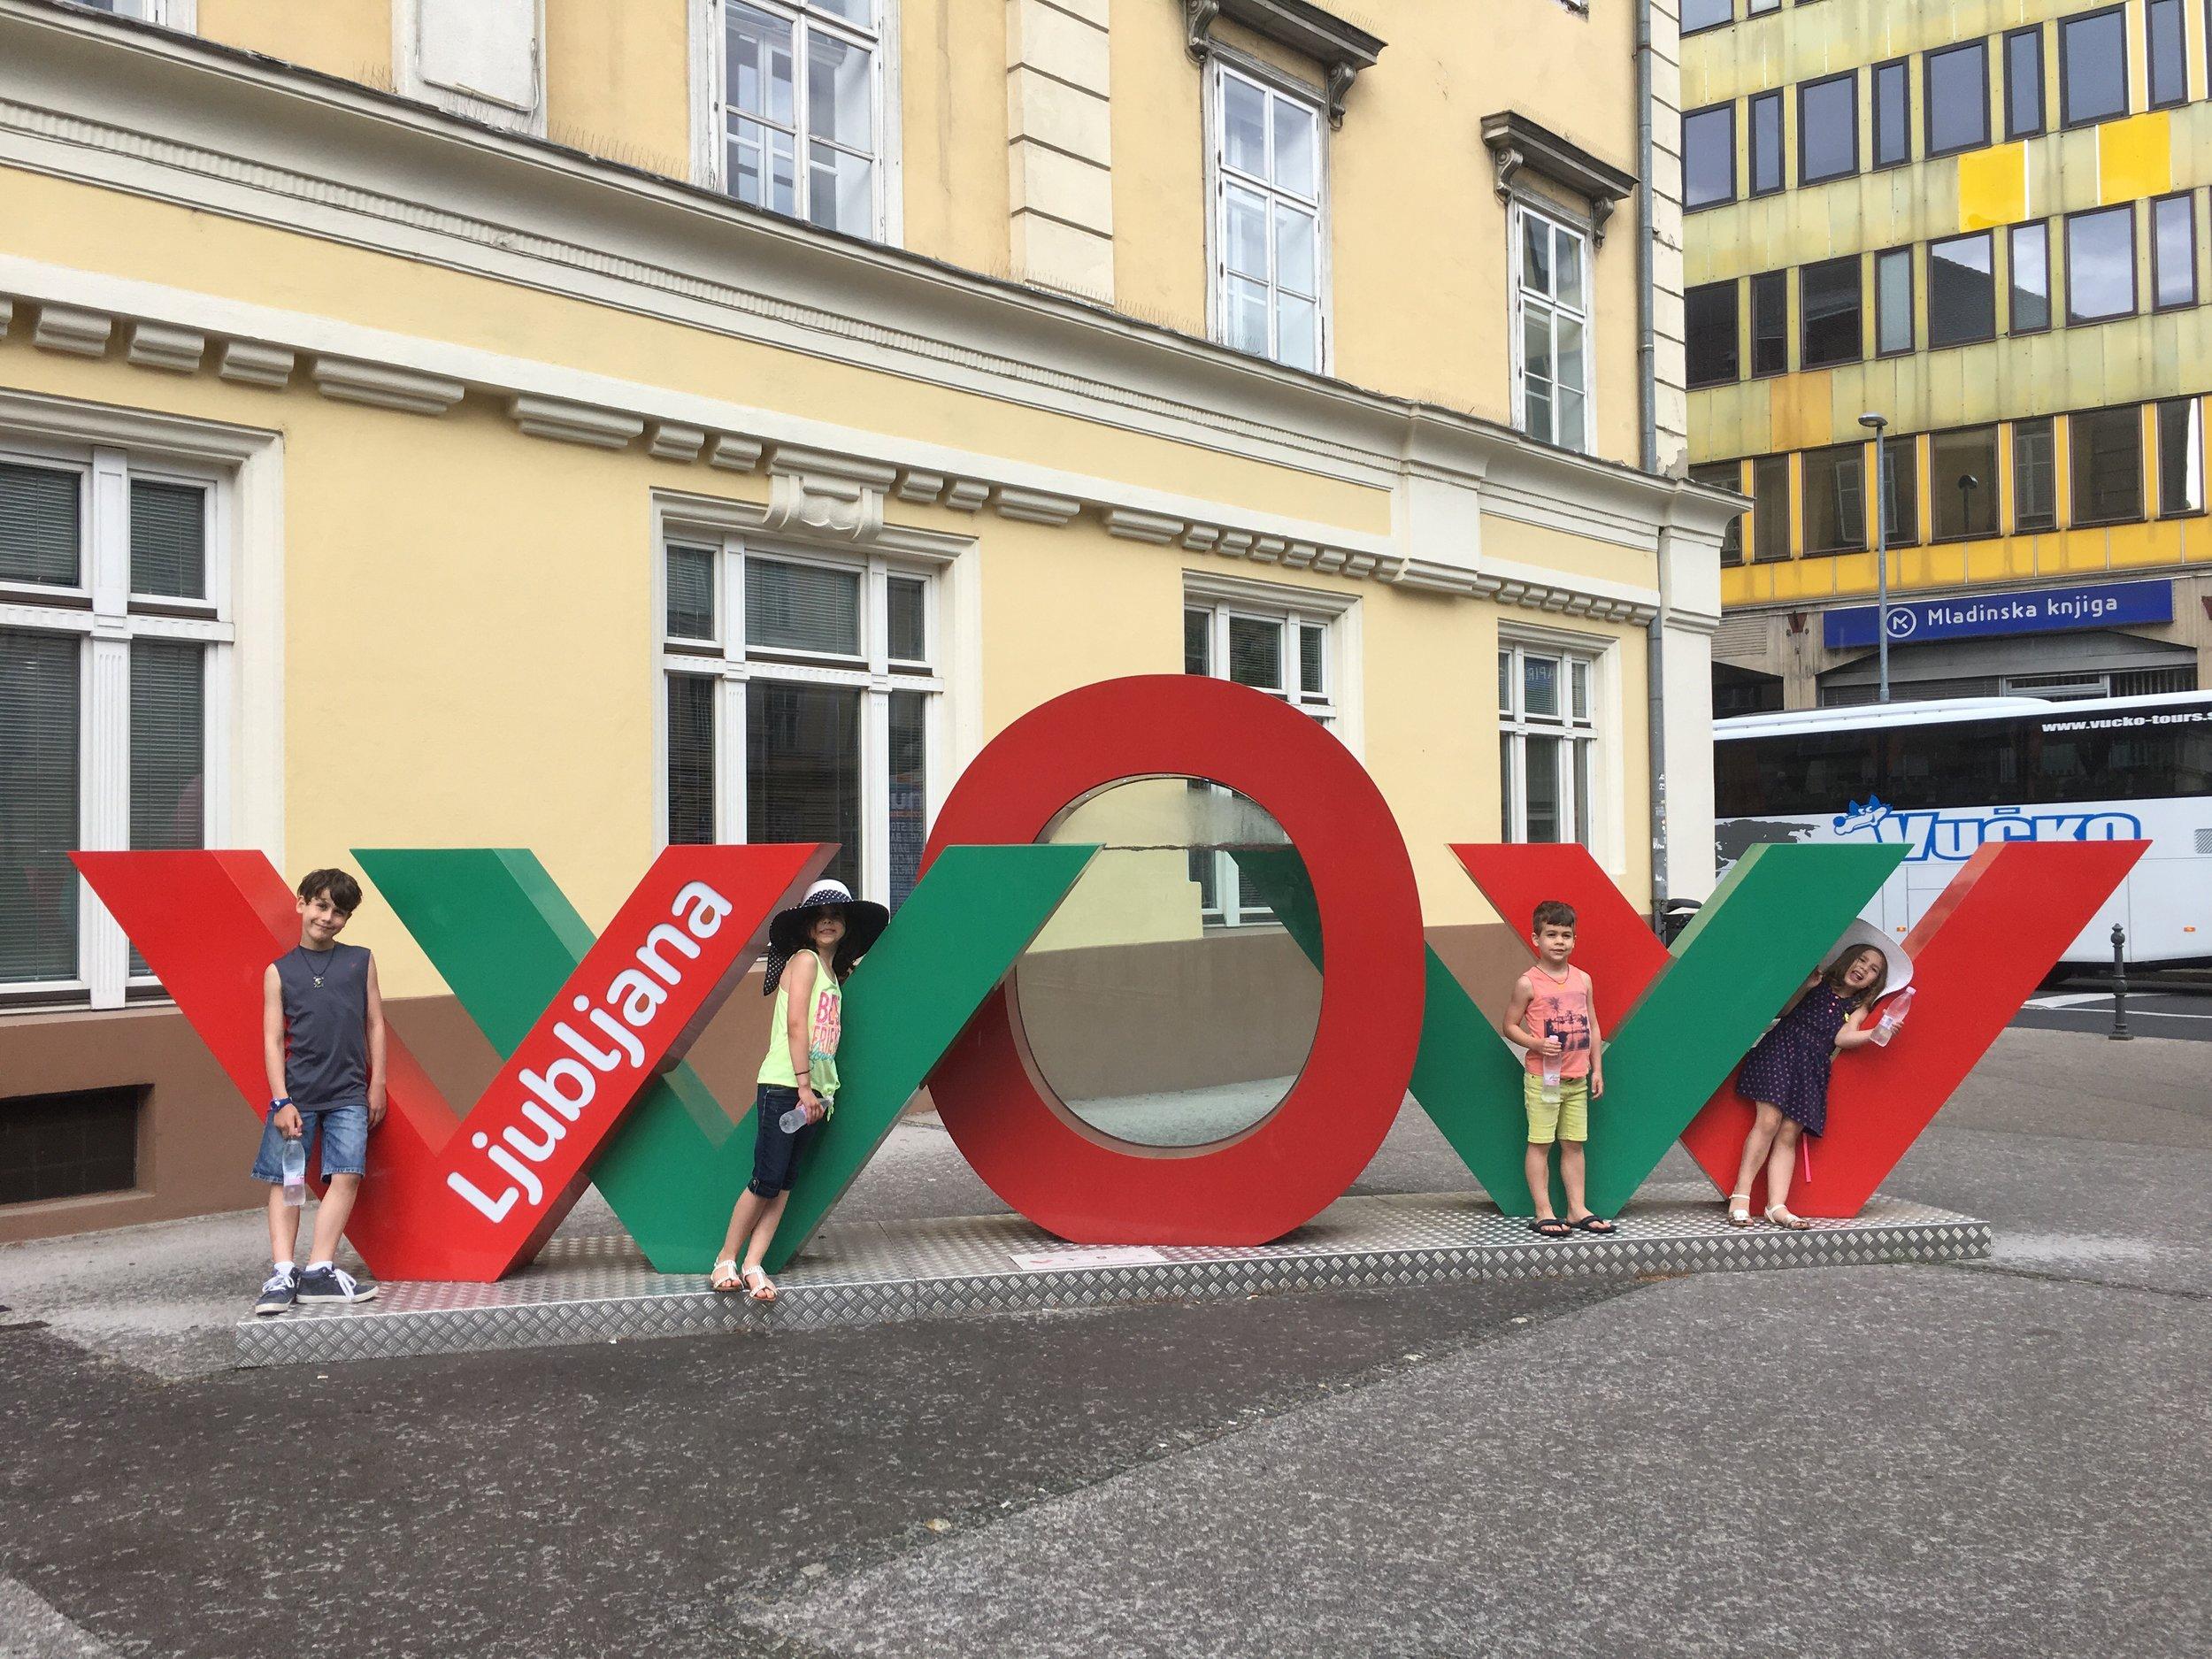 WOW, Ljubljana